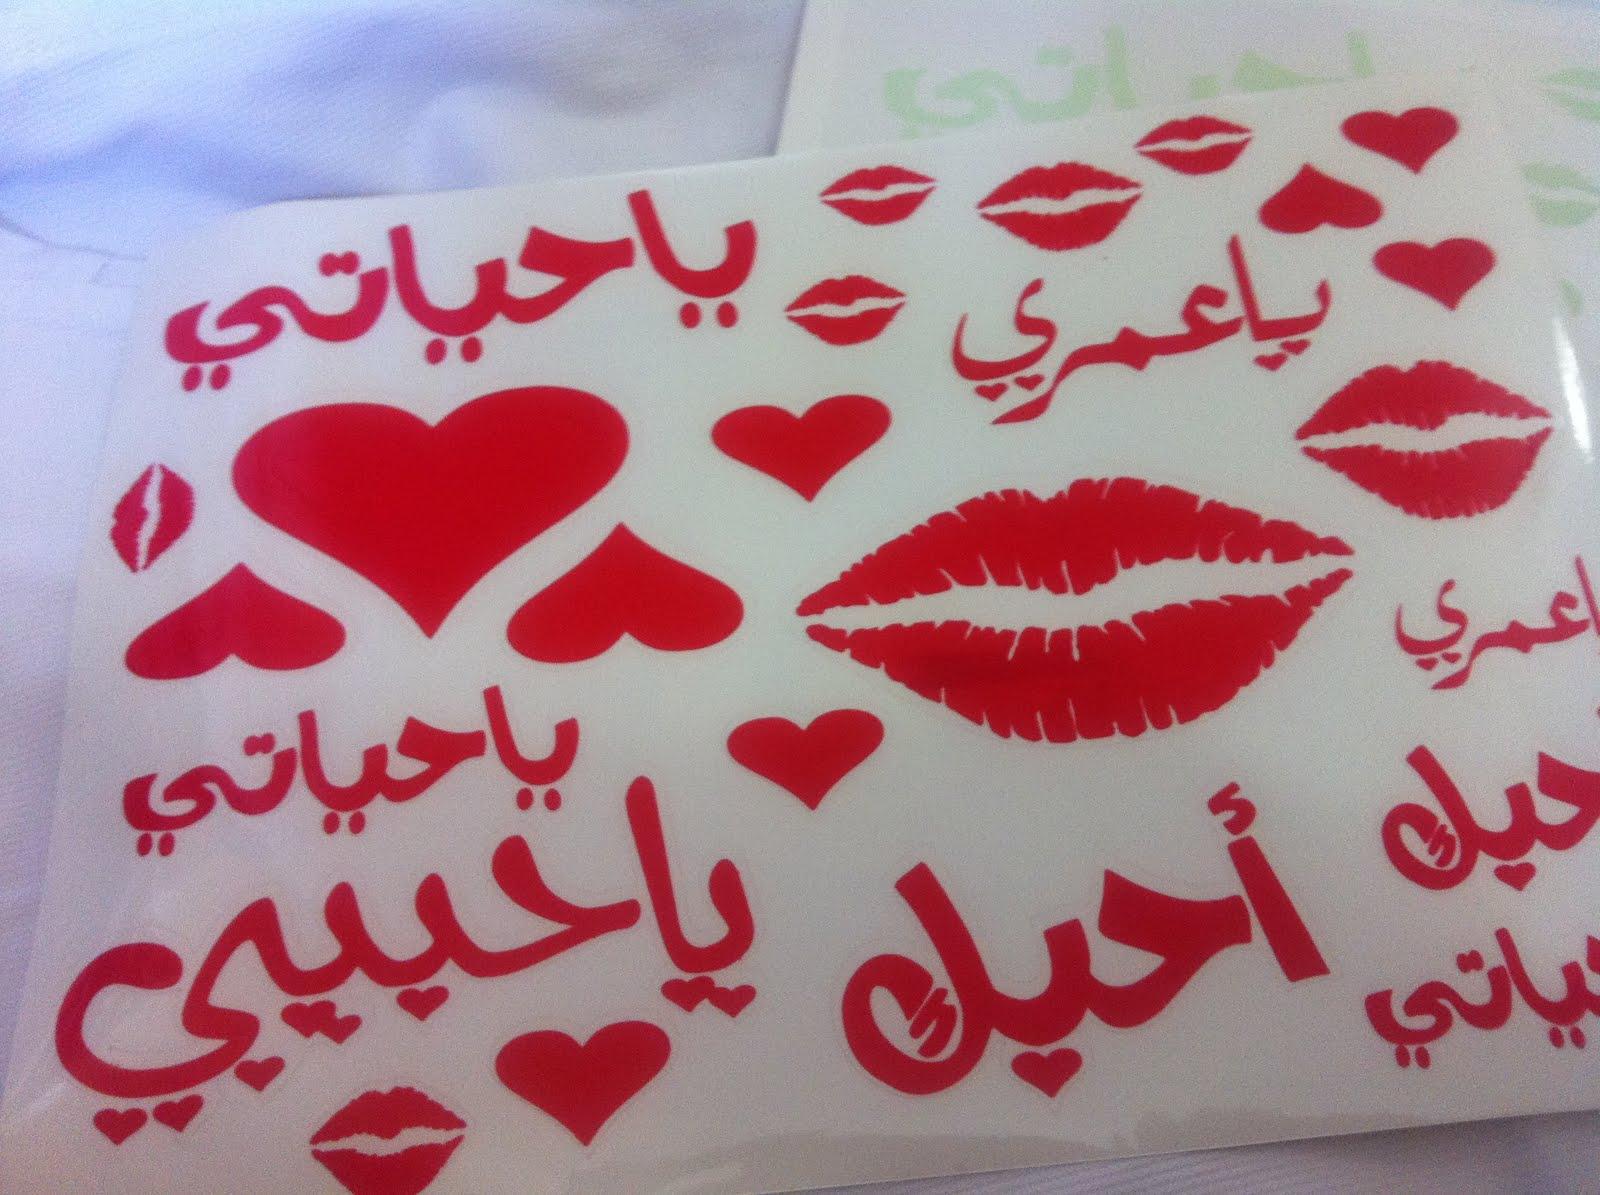 بالصور كلمات حب للزوج قبل النوم , اهم الكلمات الجميلة للزوج 195 6